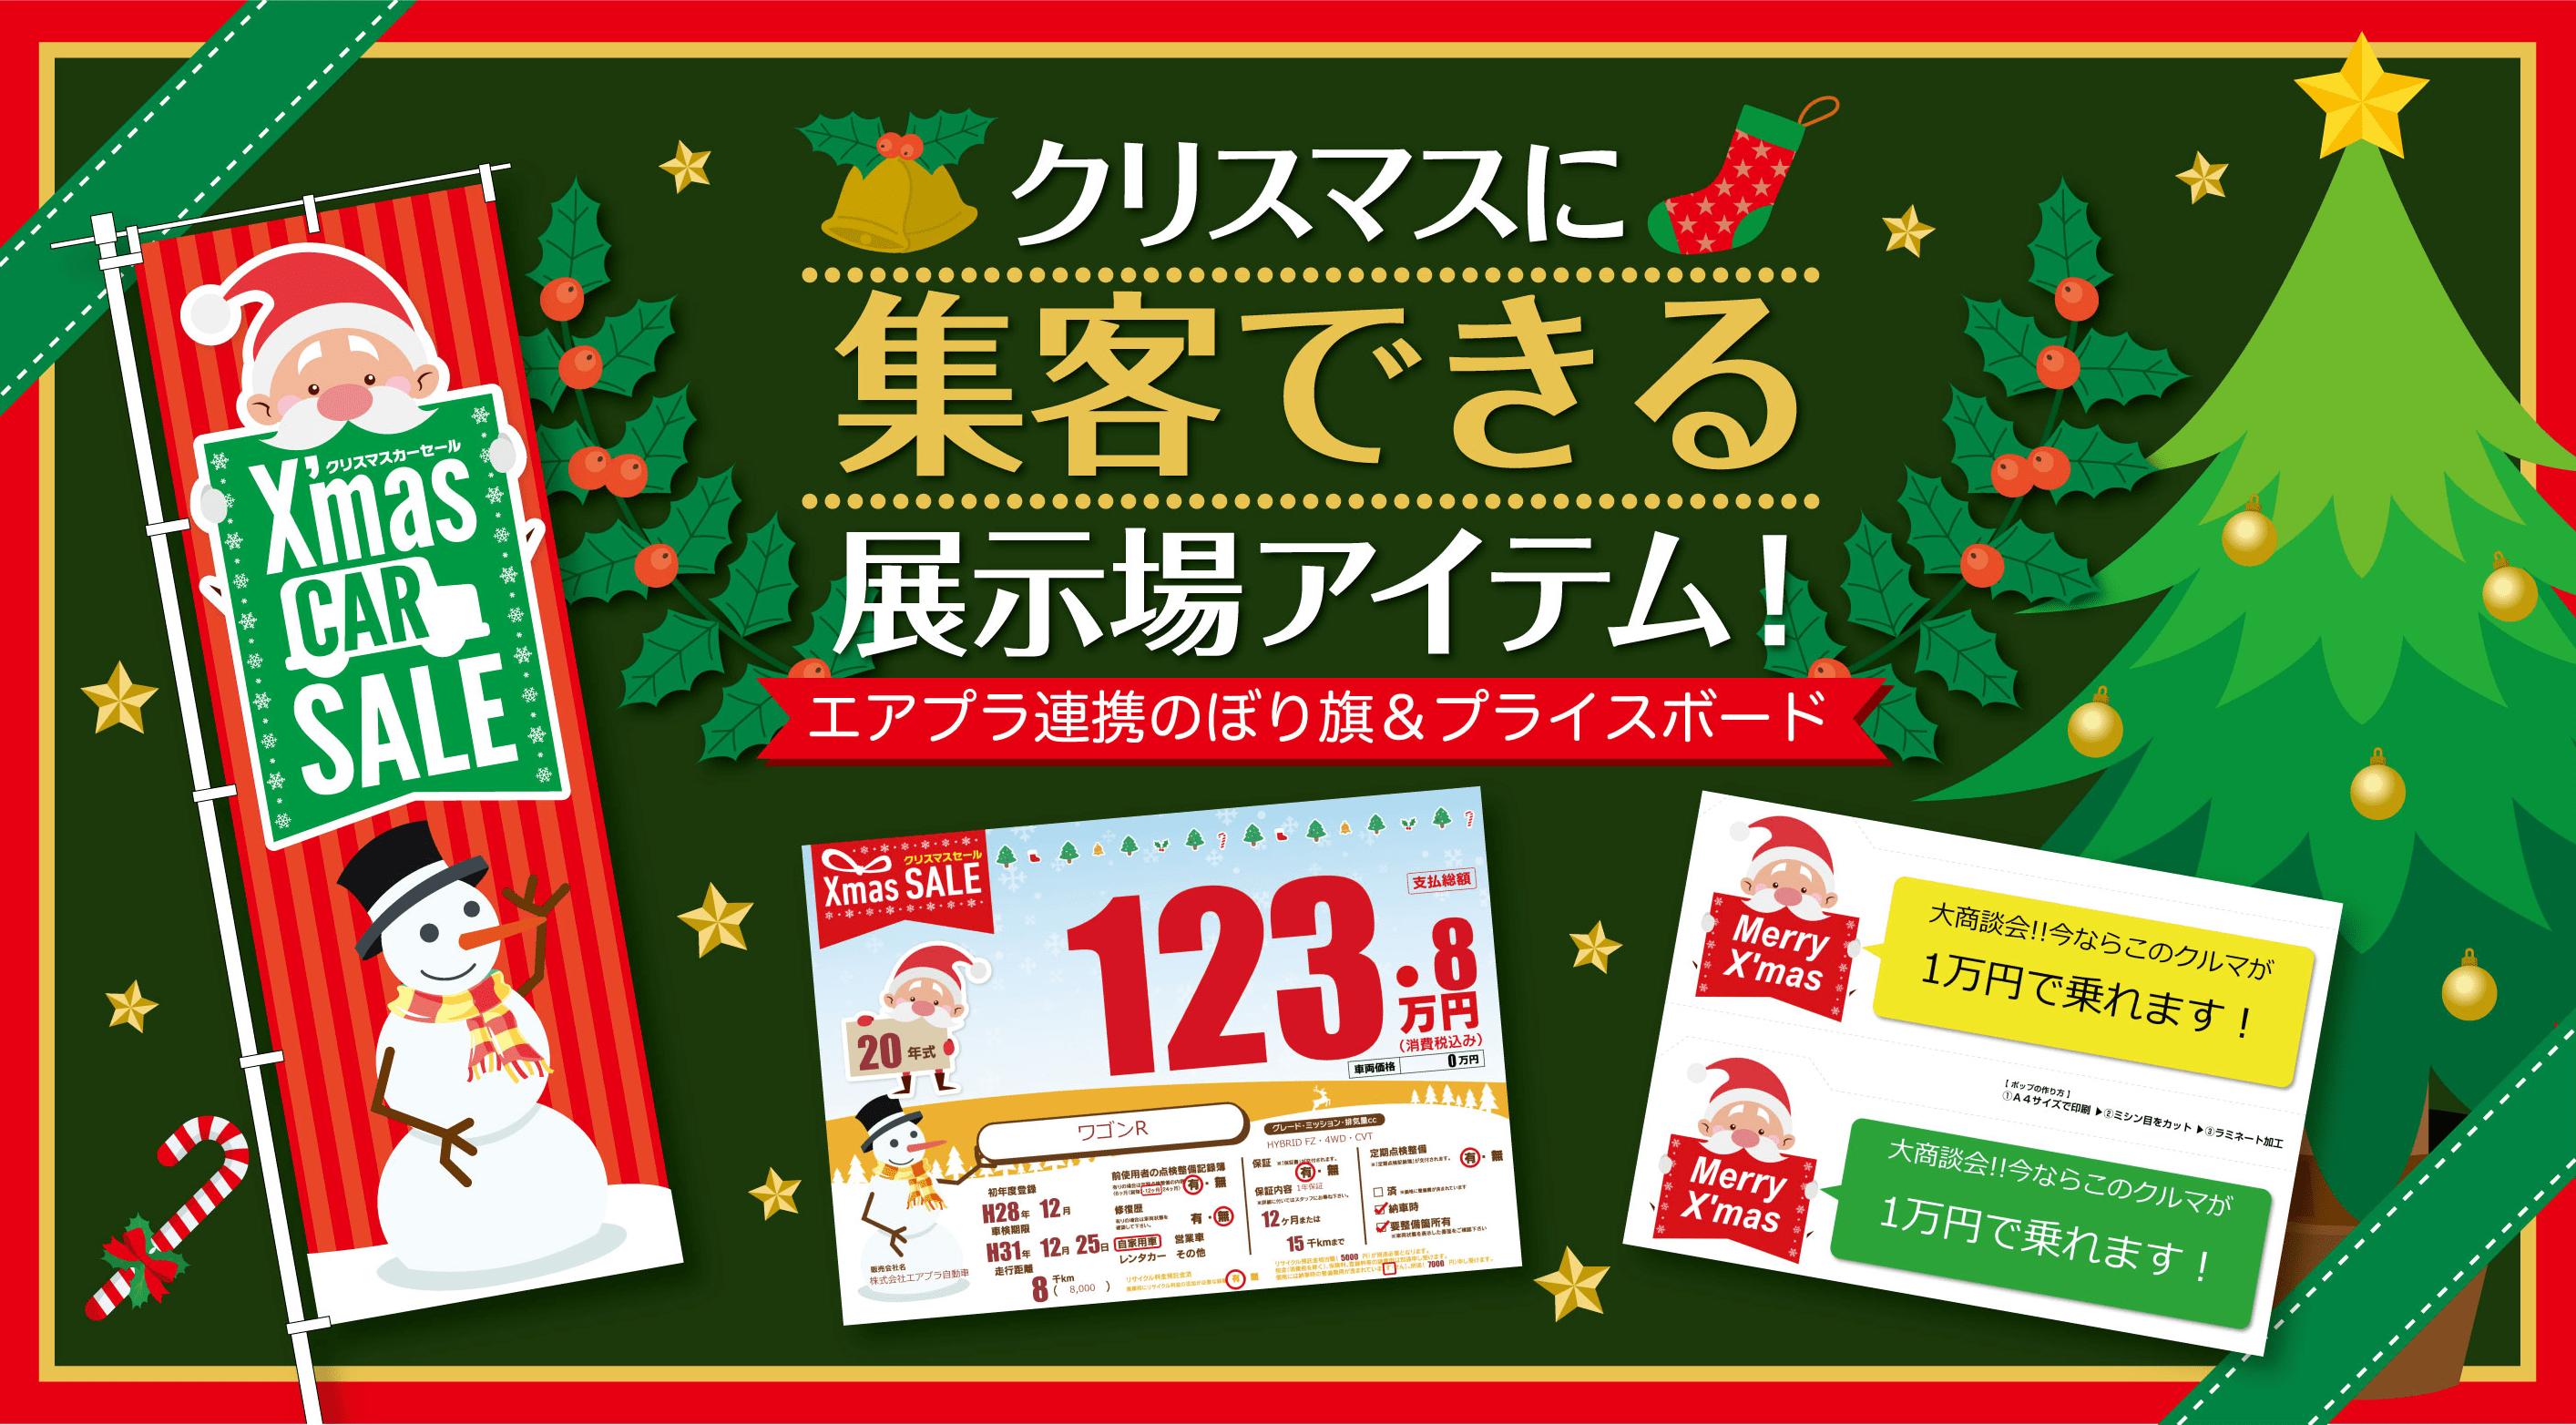 リンク:クリスマスに集客できる展示場アイテム!